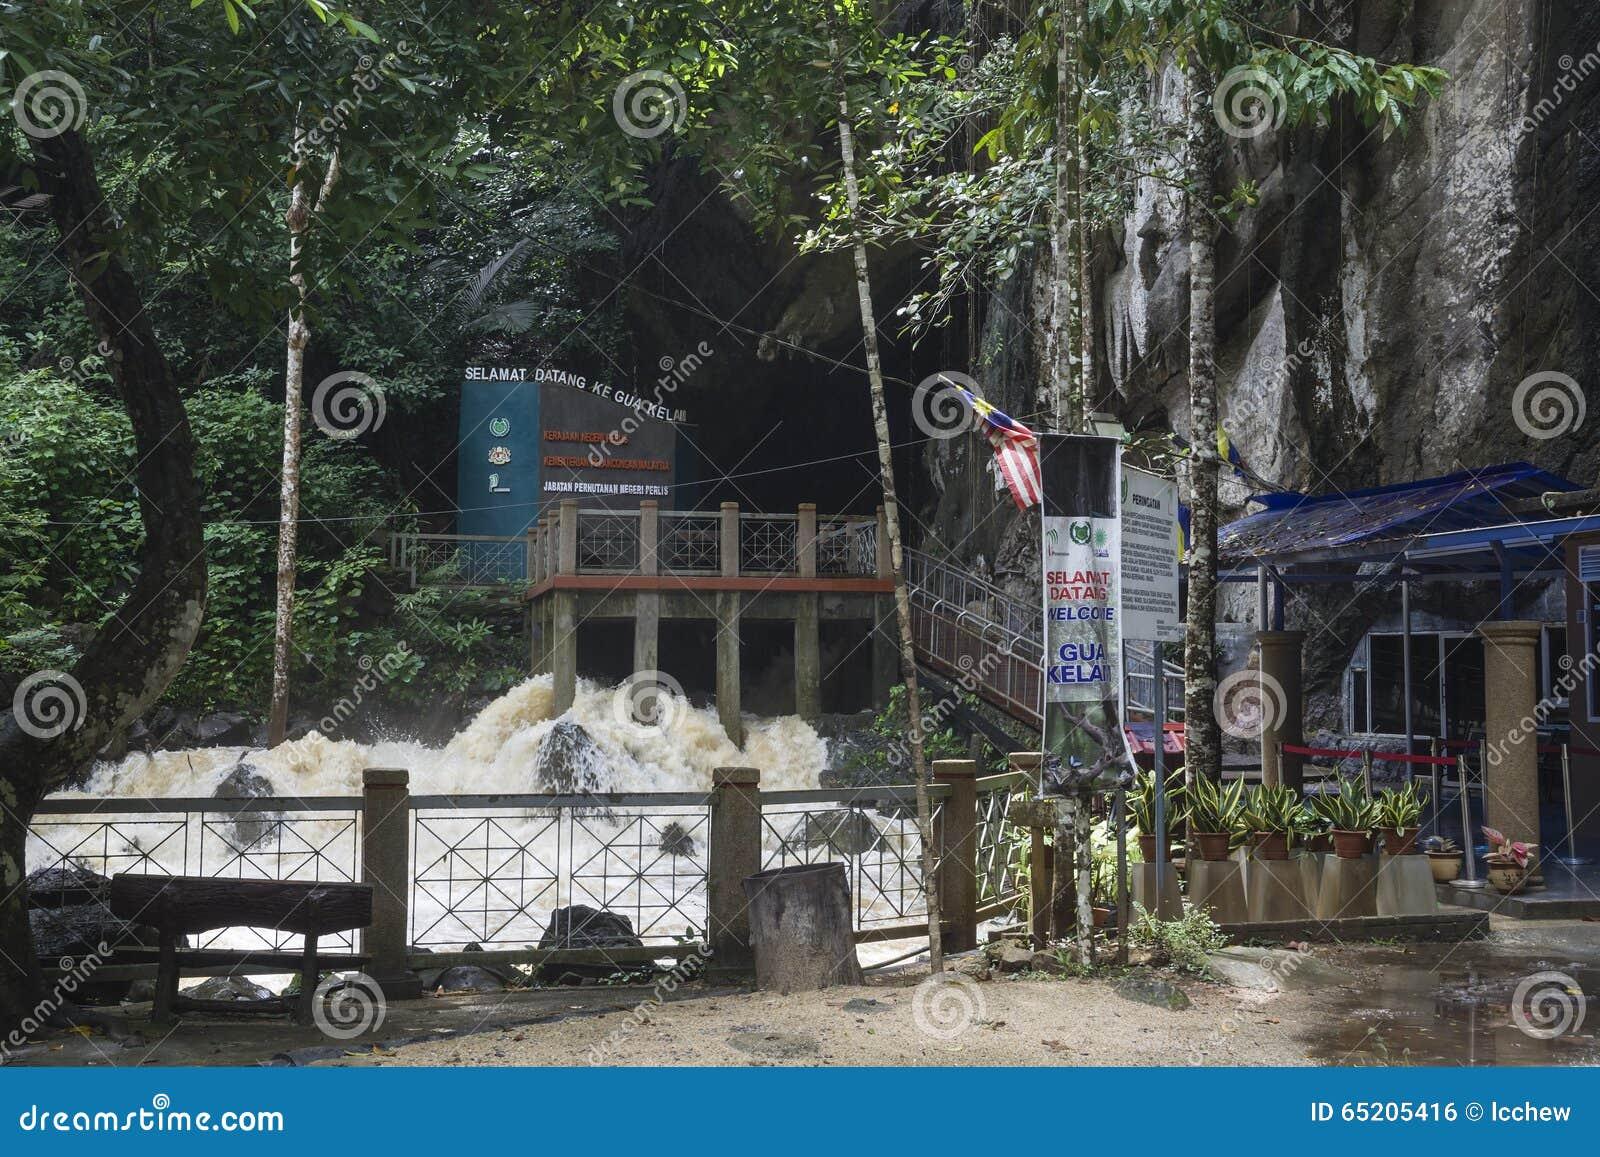 Gua Kelam, Perlis, Malaysia